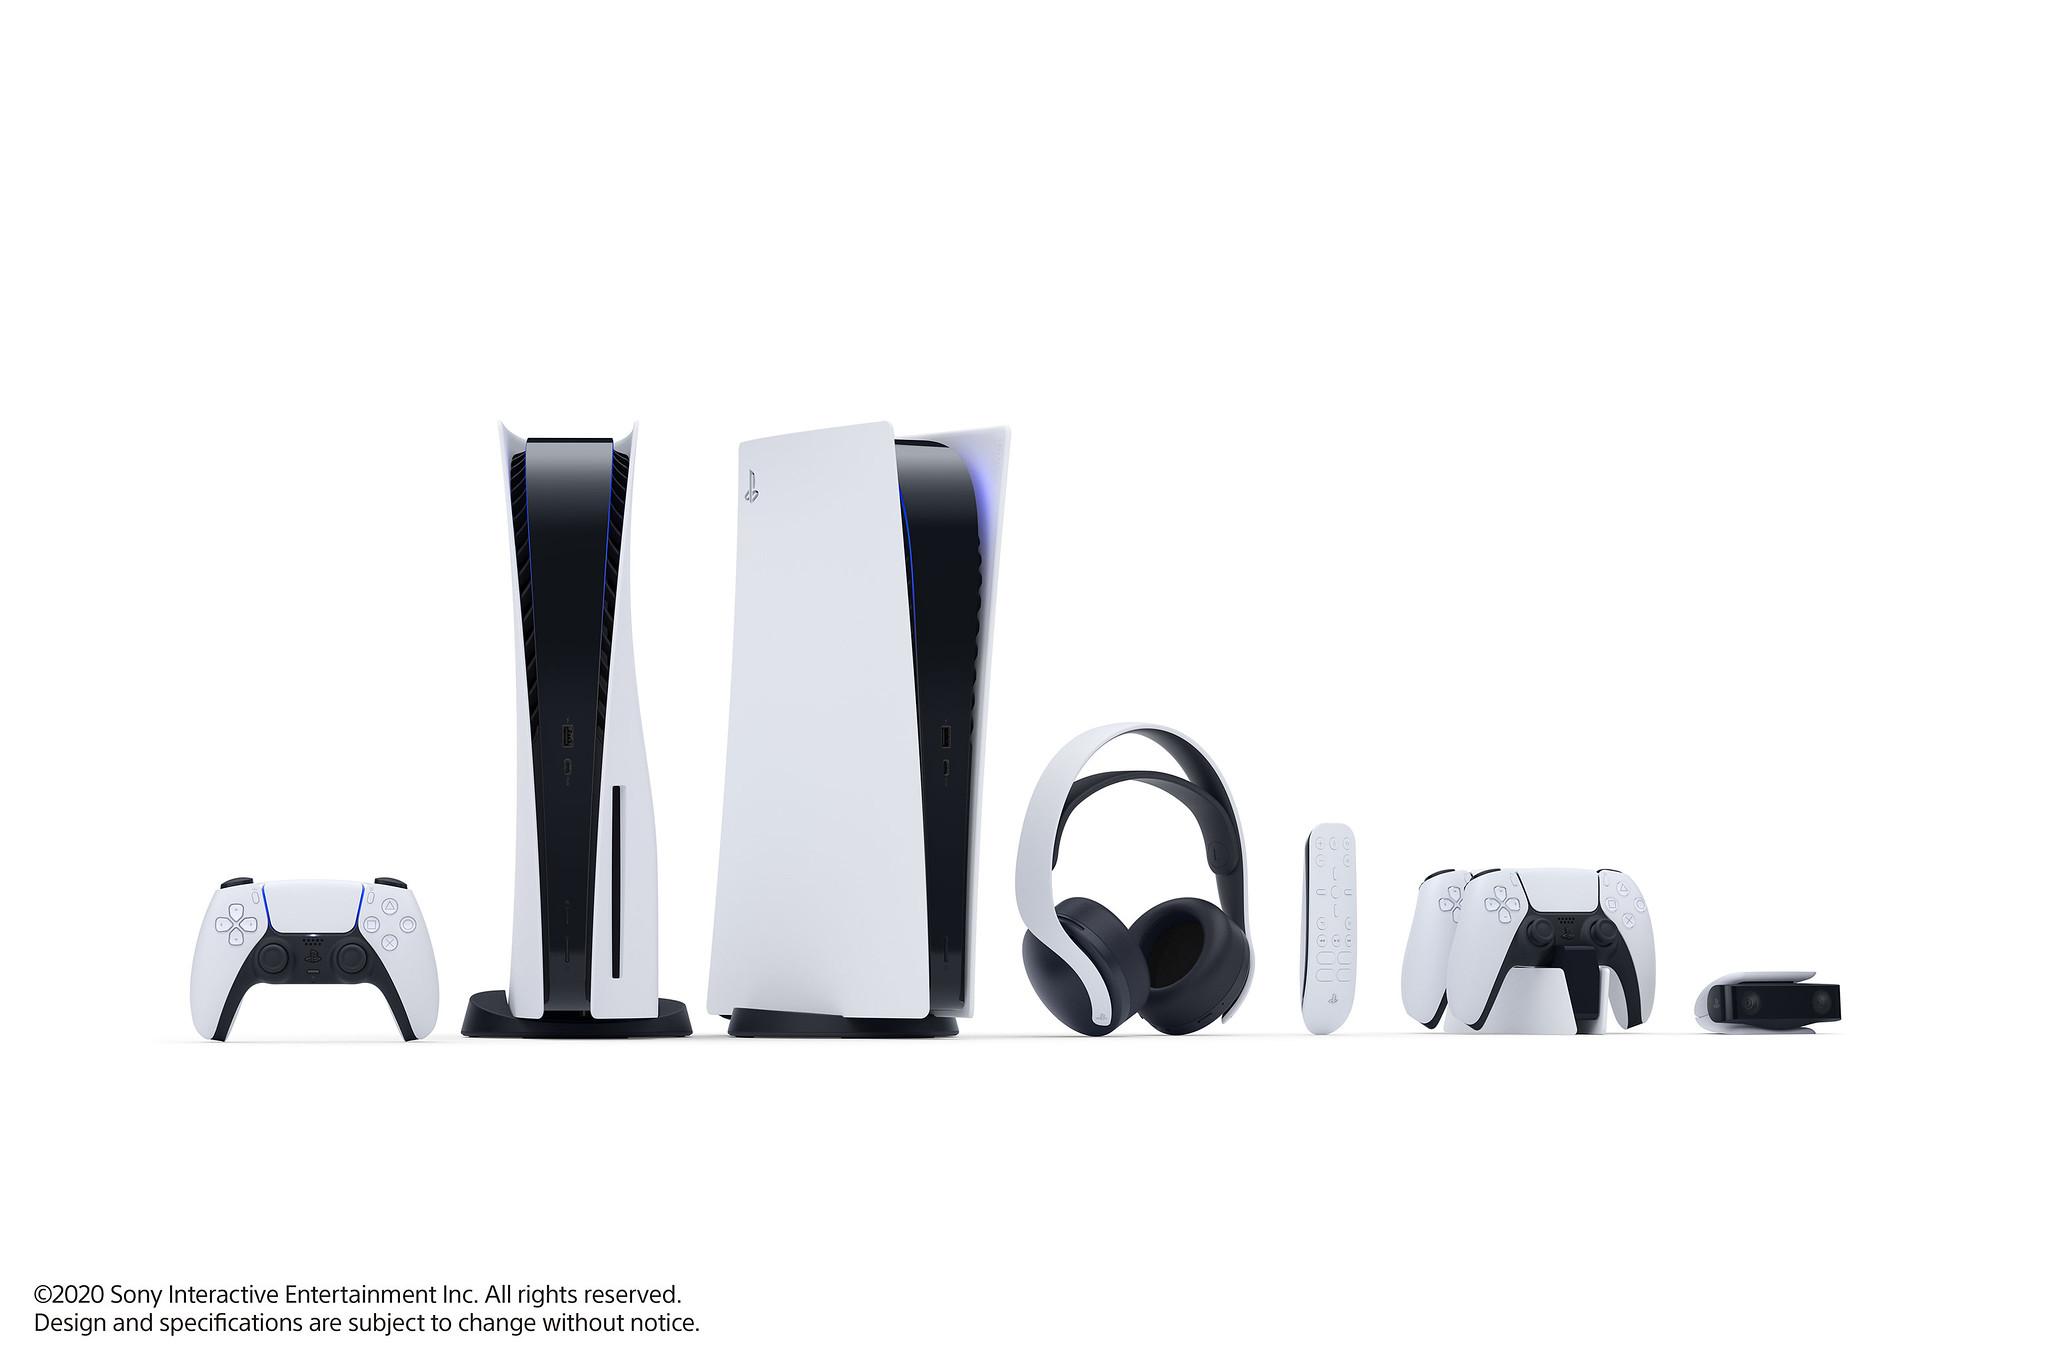 Les premières accessoires de la PS5